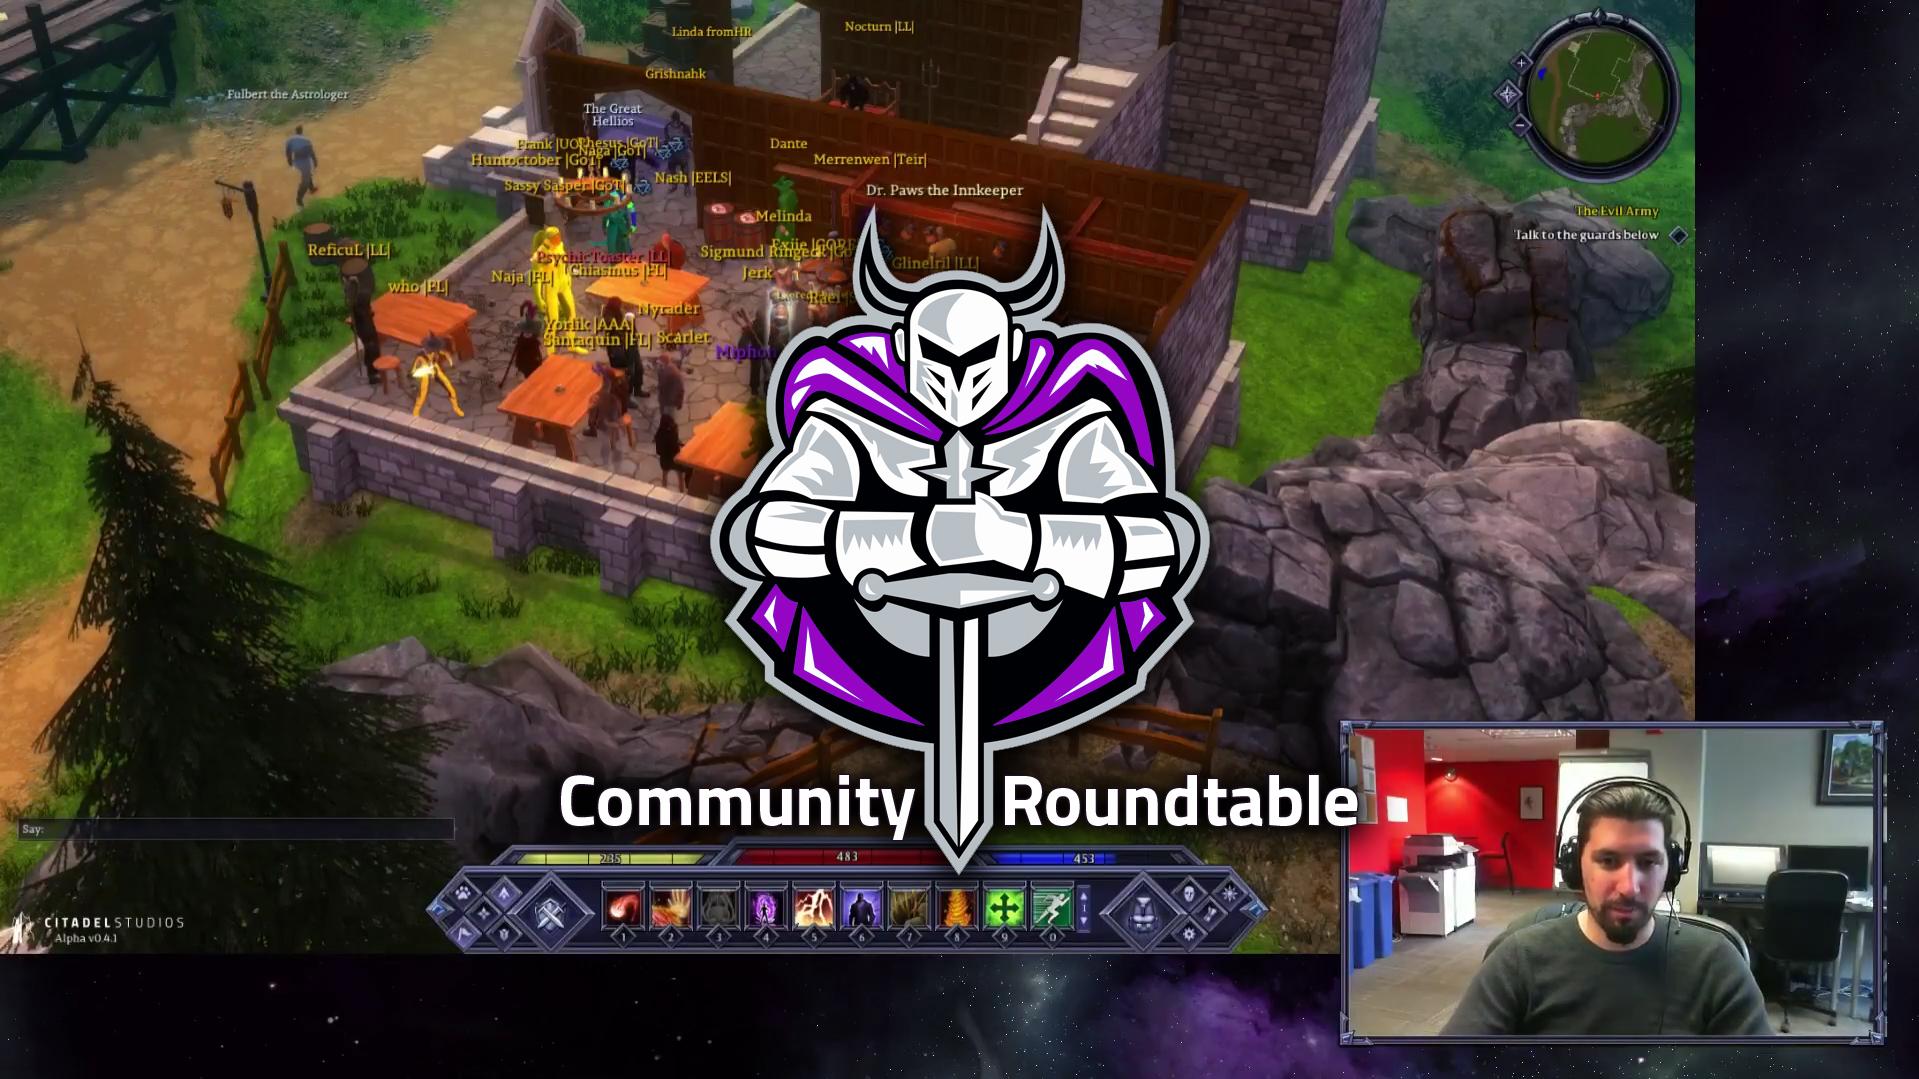 February Community Roundtable